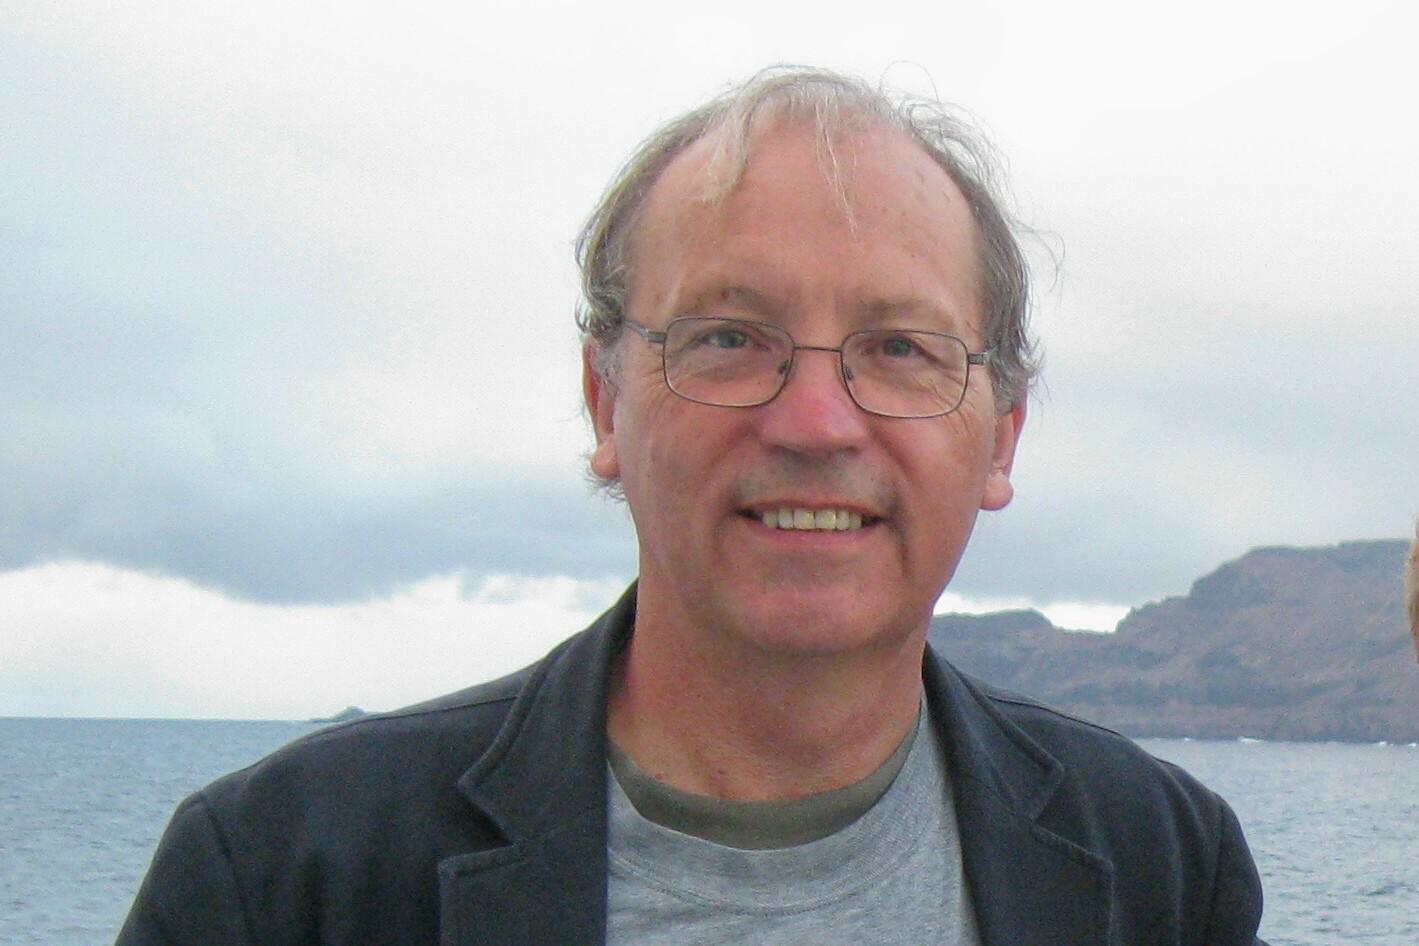 Professor Stephen Constantine